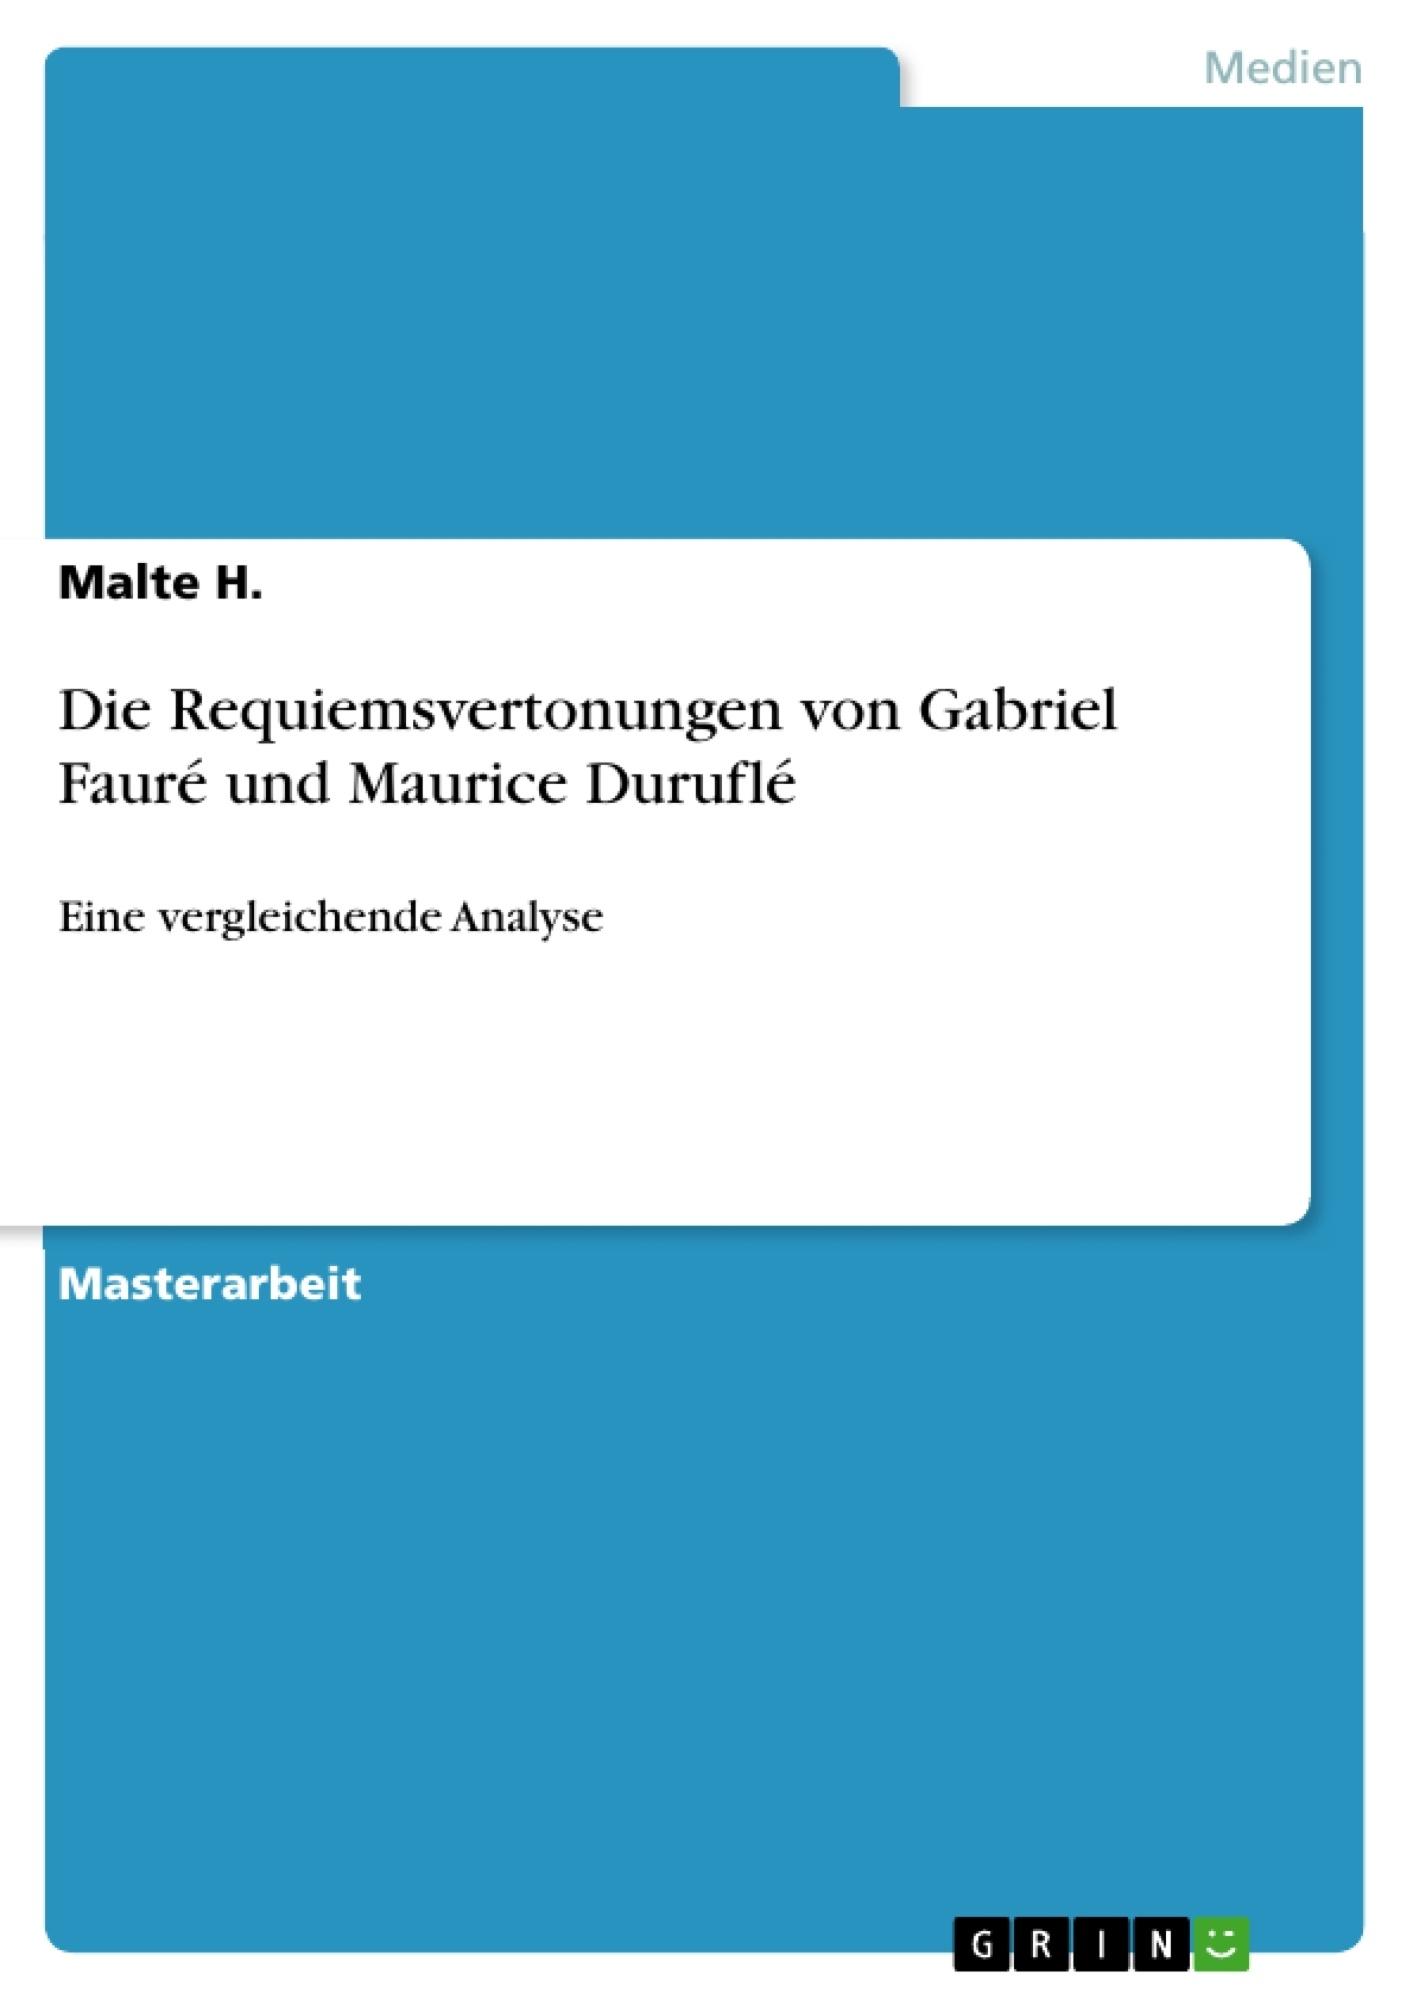 Titel: Die Requiemsvertonungen von Gabriel Fauré und Maurice Duruflé